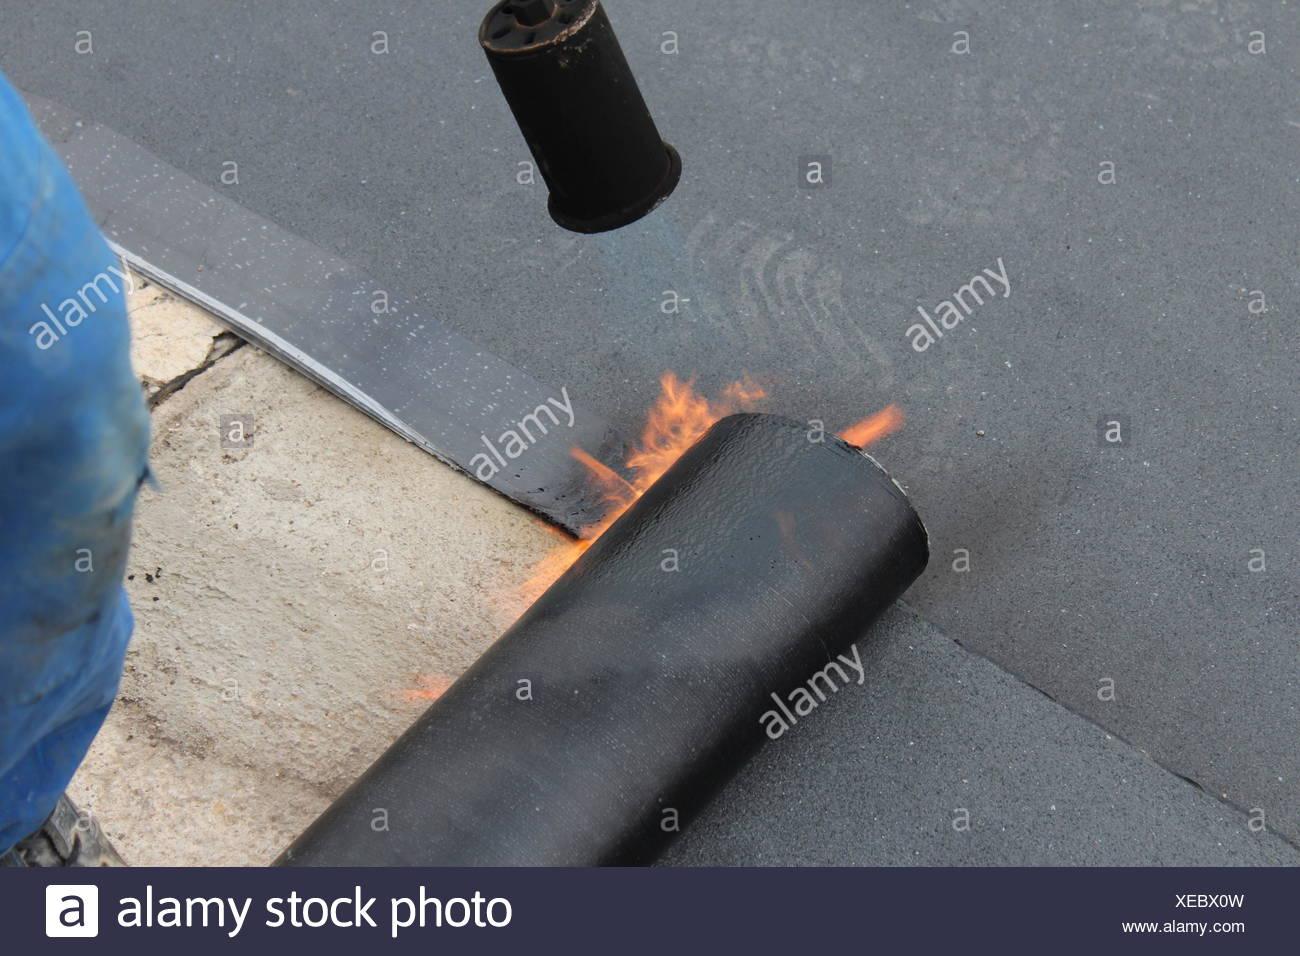 Extrem Abdichtung von einem Flachdach Stockfoto, Bild: 284232953 - Alamy AN95